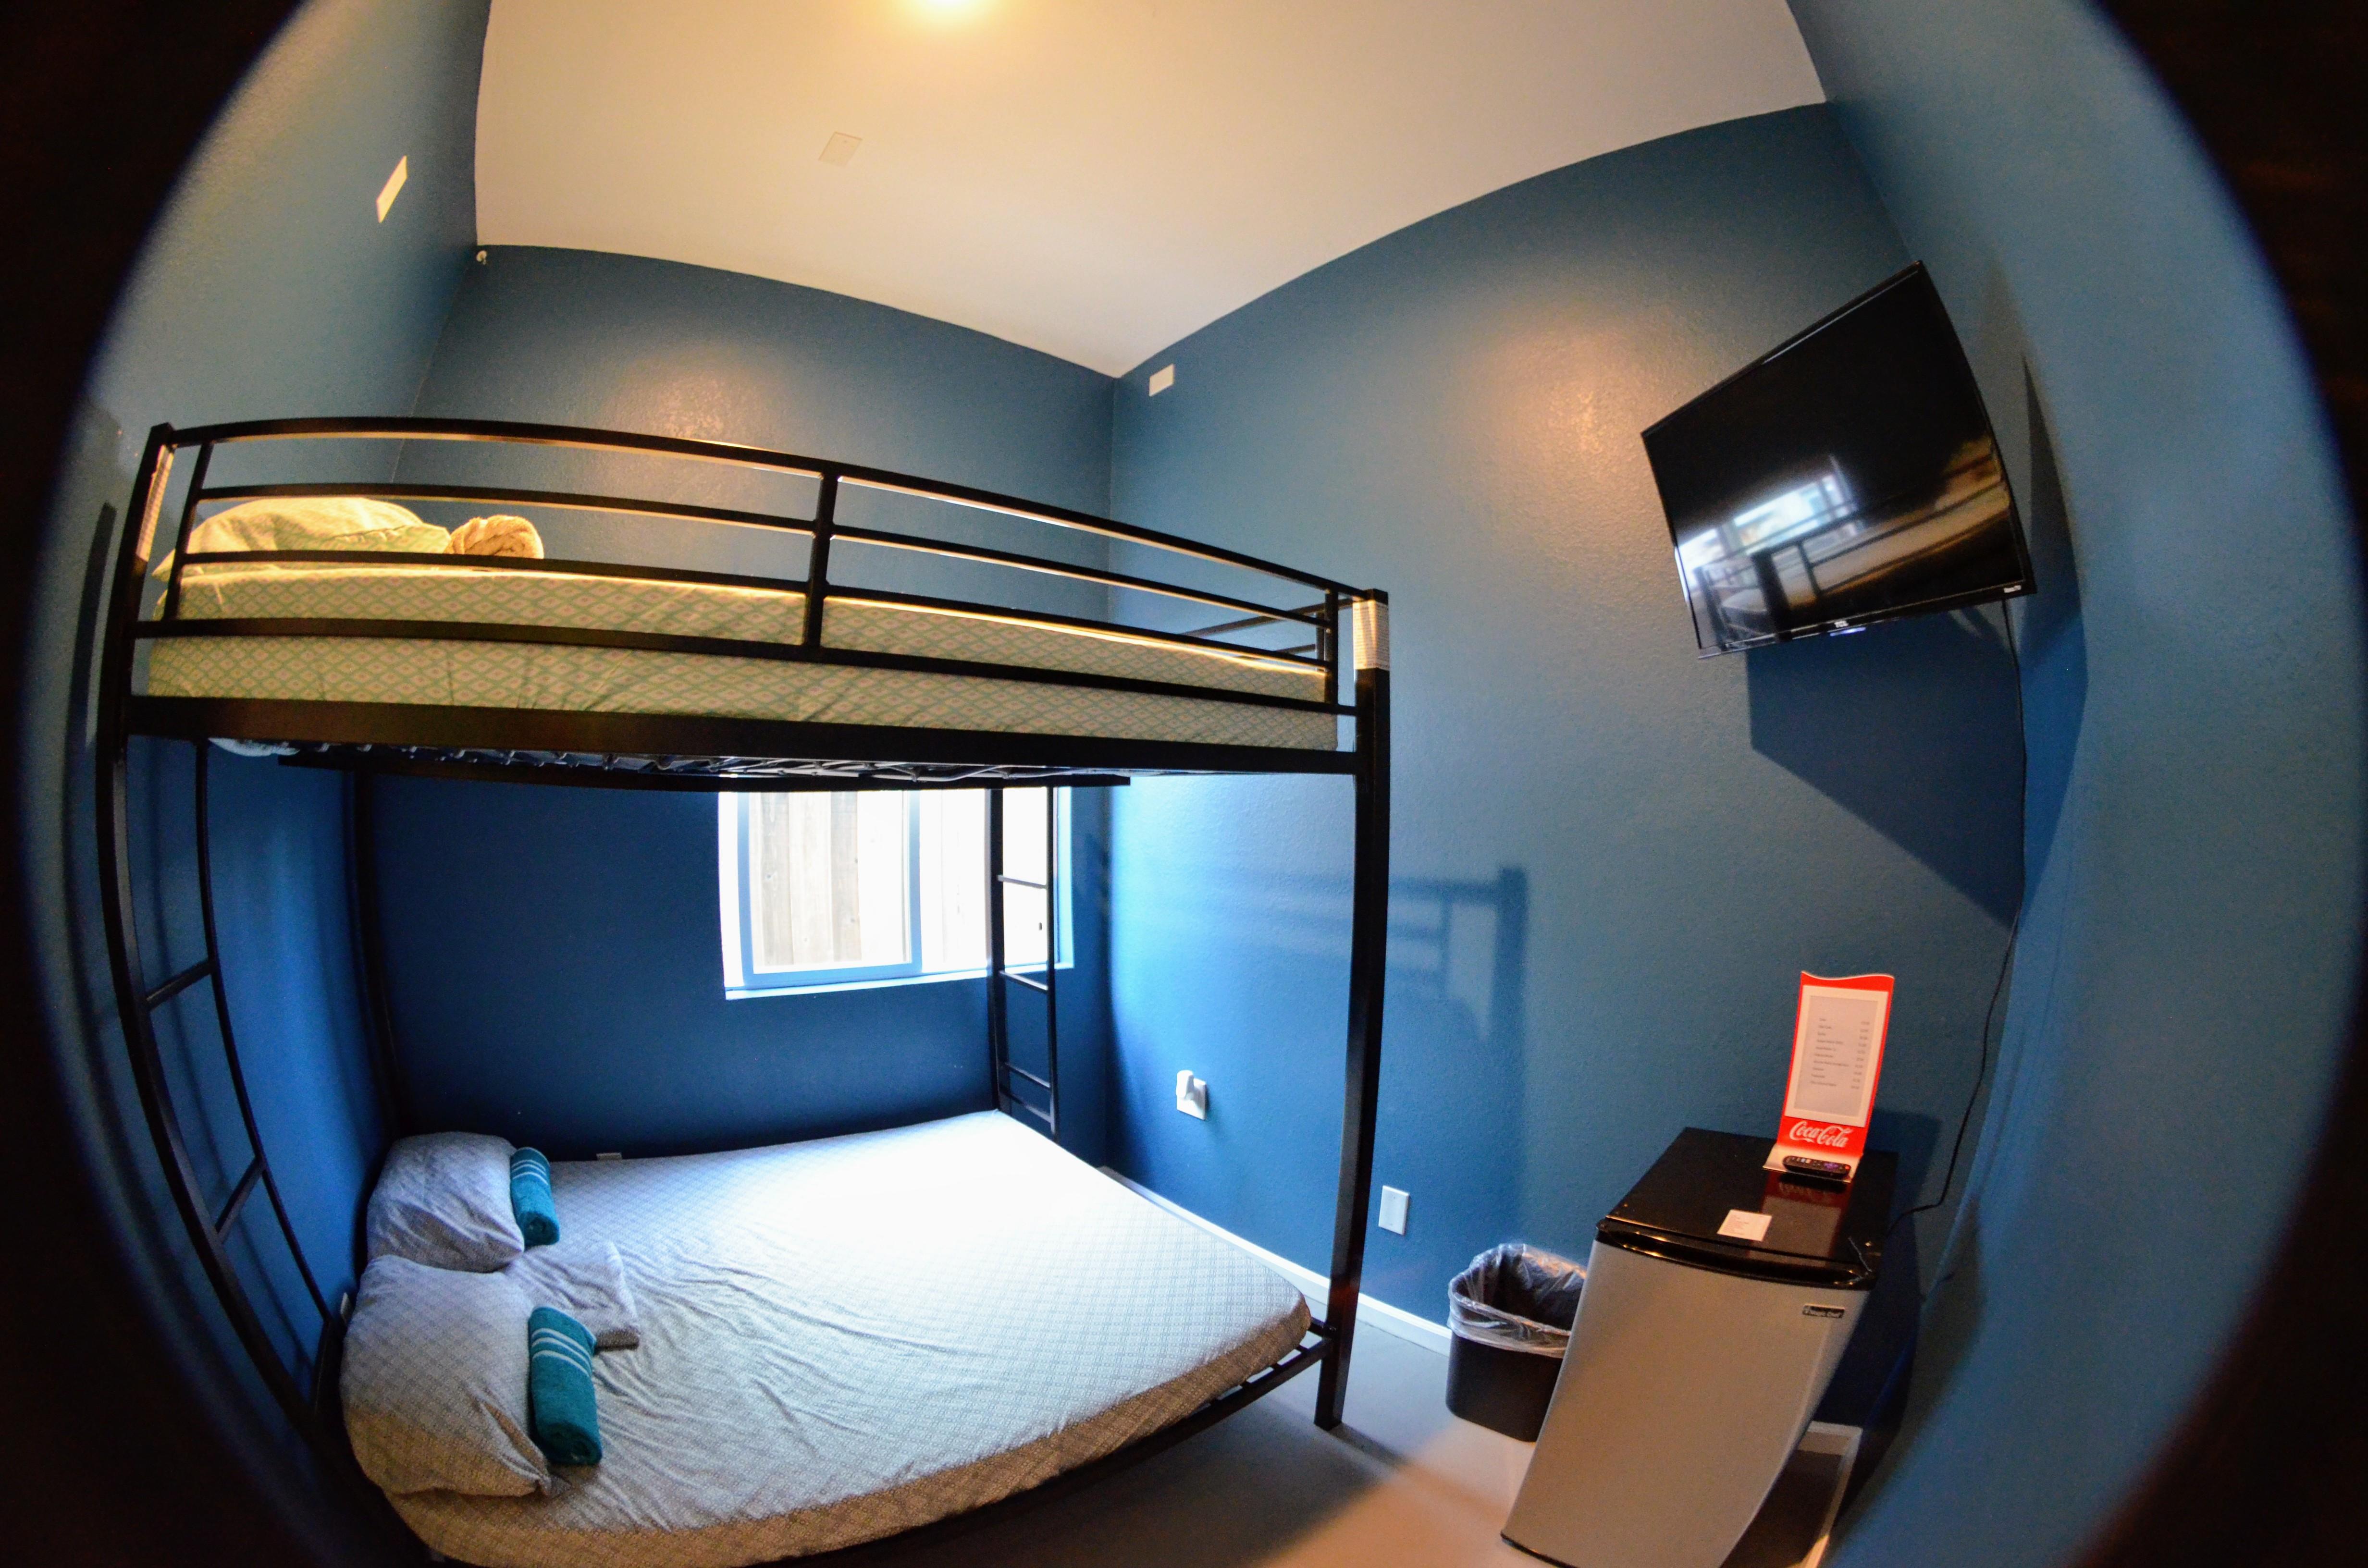 California Dreams Hostel